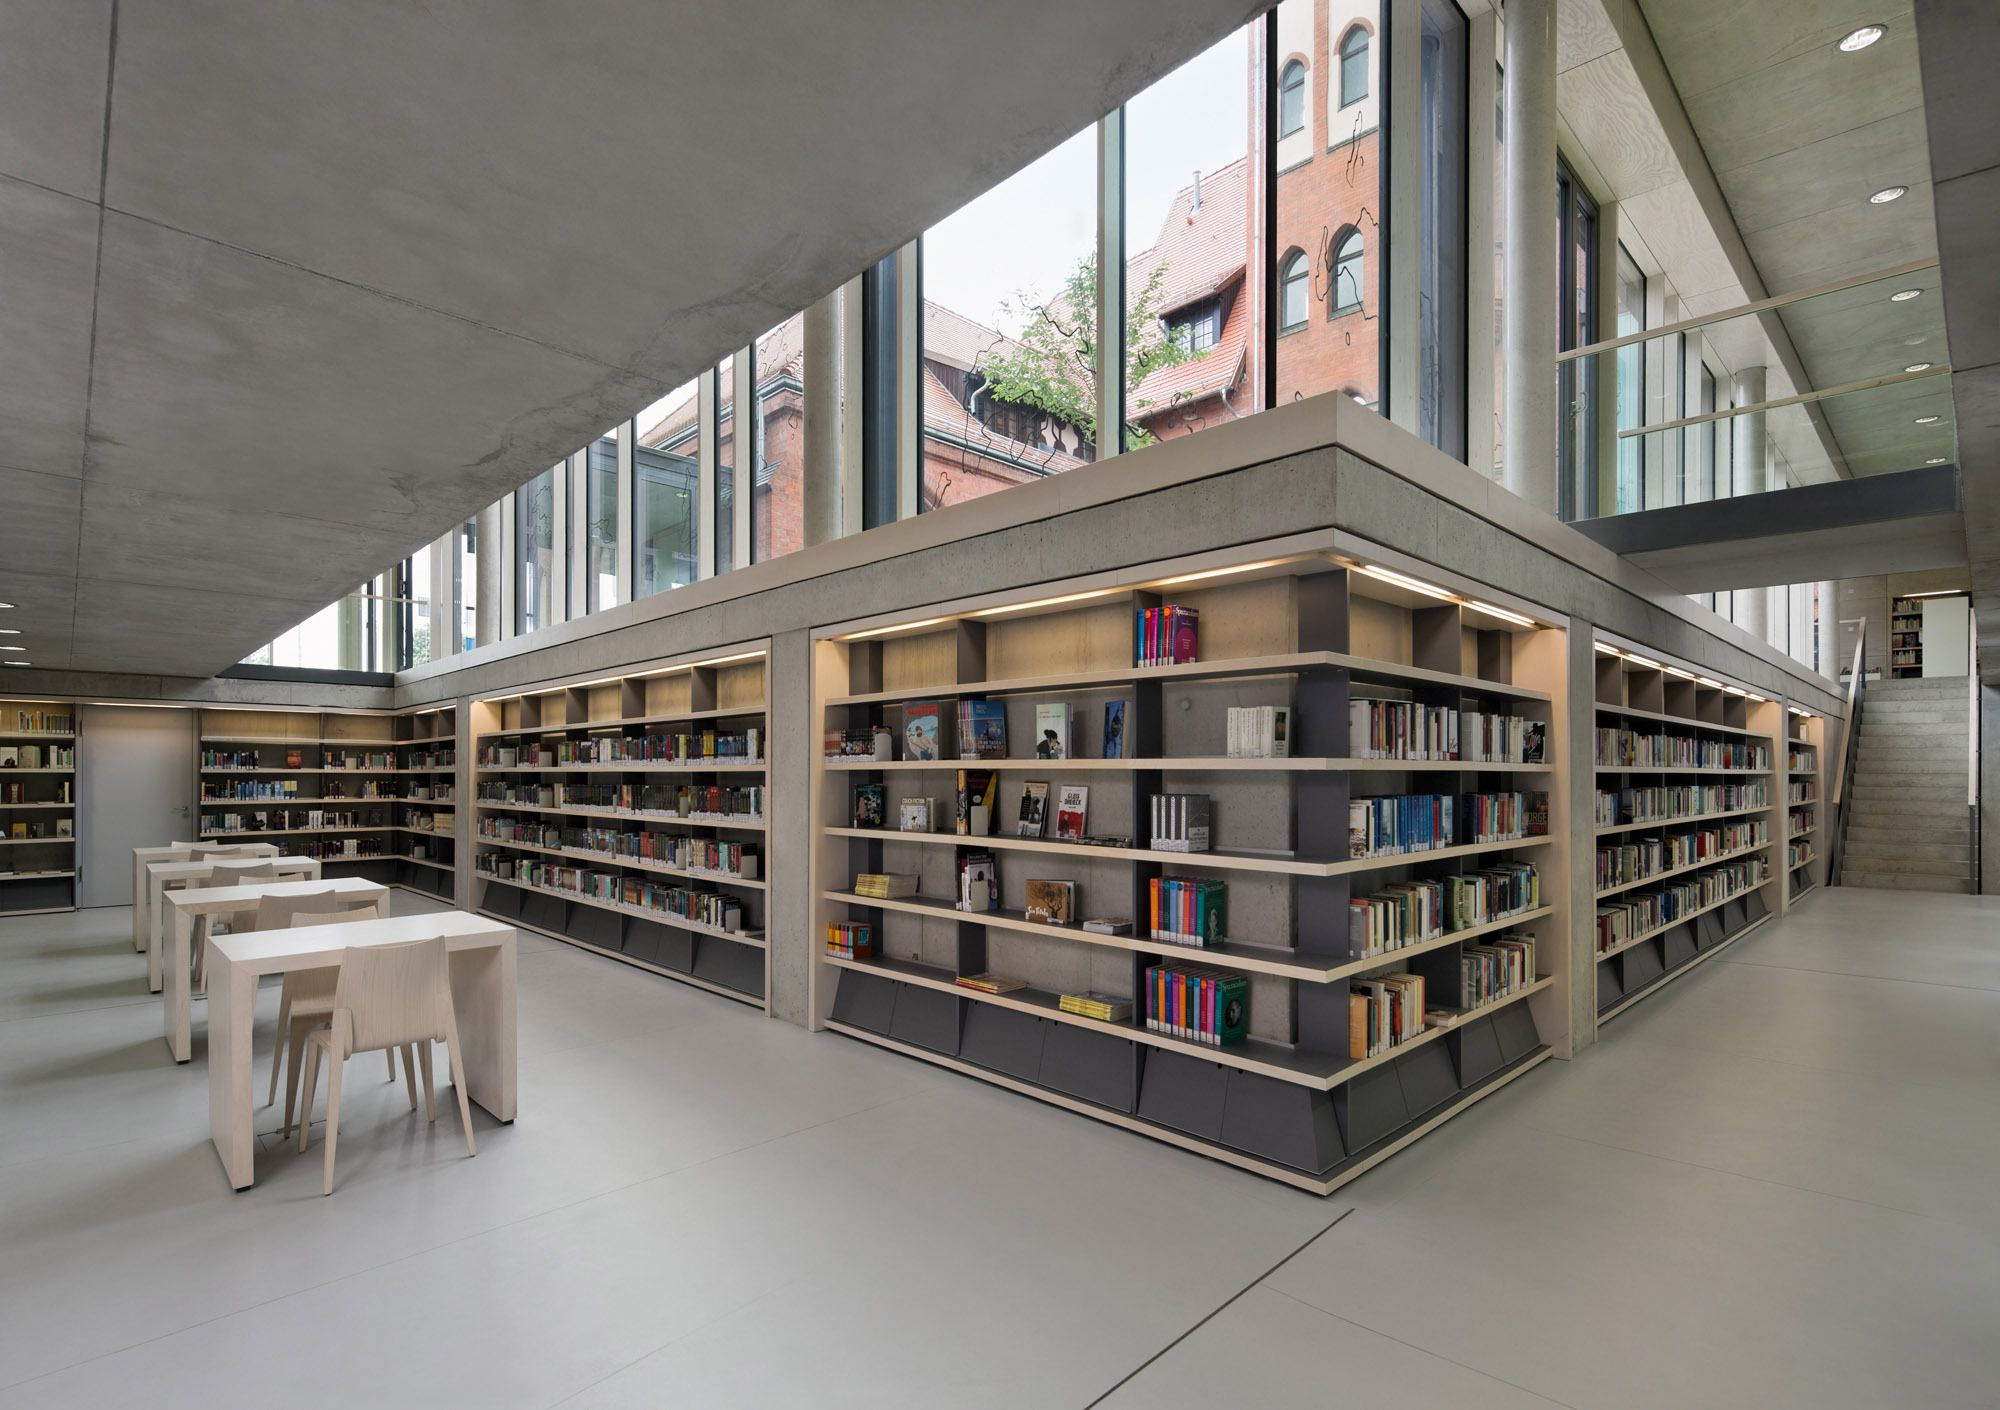 Geschwarzt Bibliothek Von Chestnutt Niess Architekten In Berlin Architektur Architekt Bibliothek